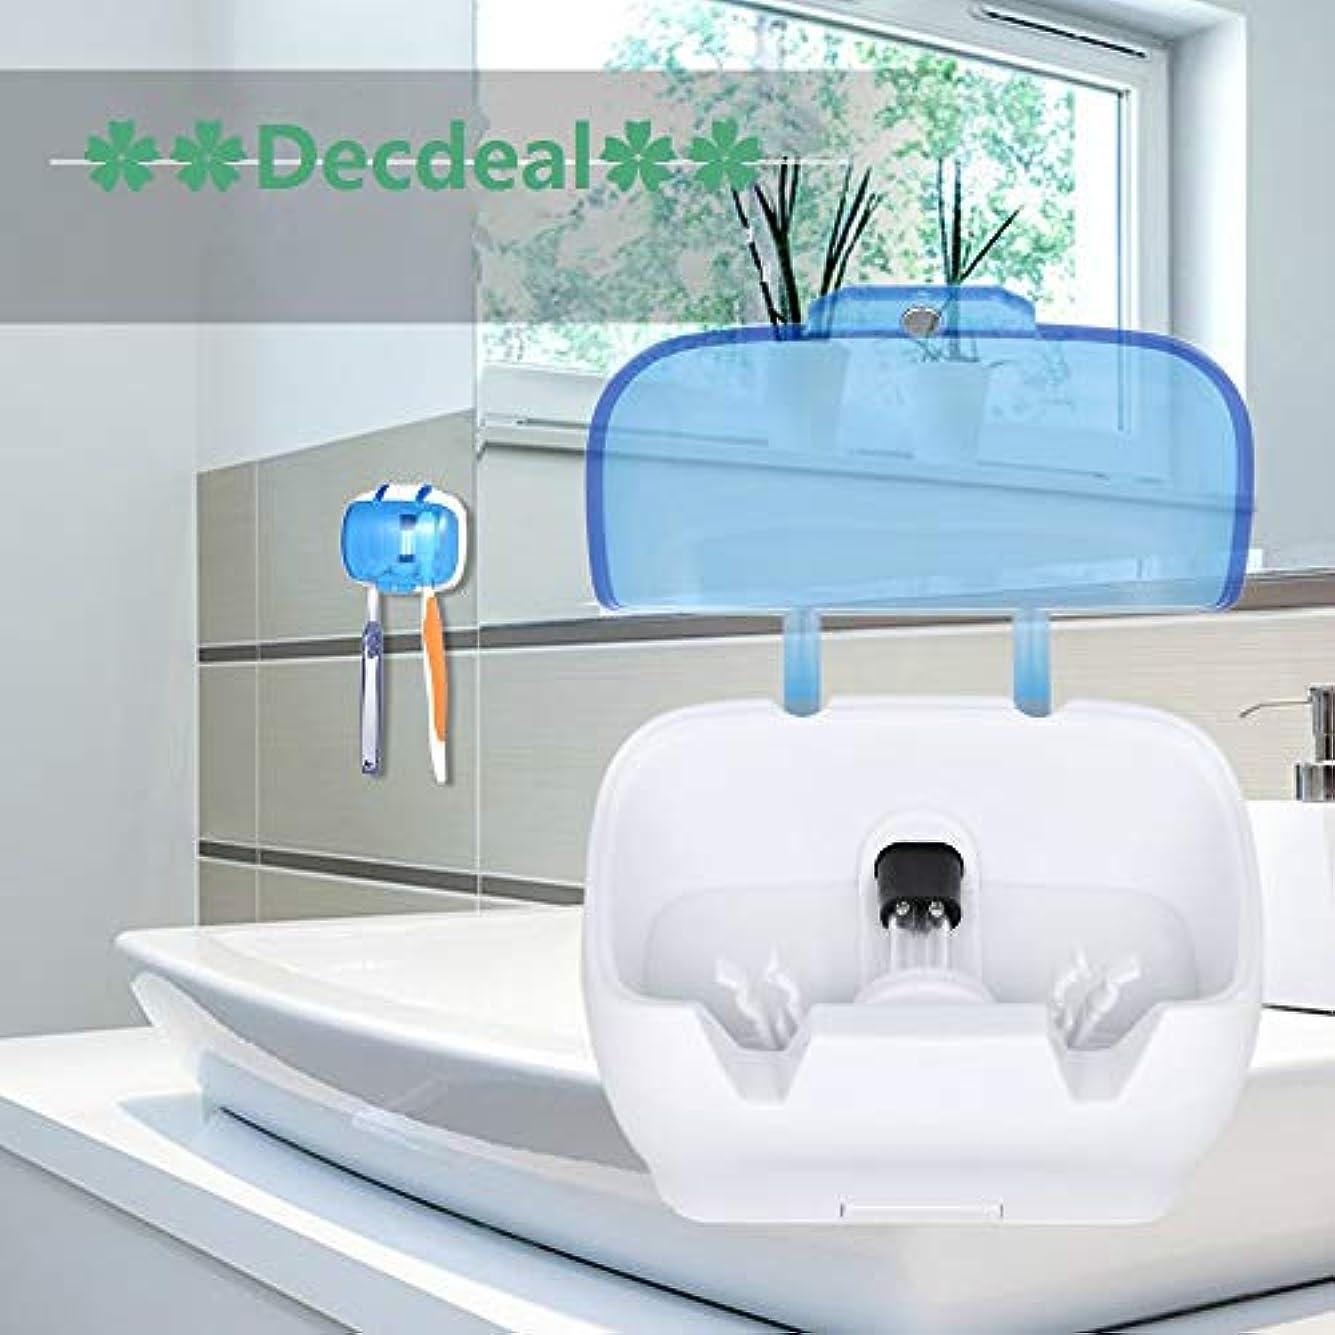 フラップ別に袋Decdeal UV滅菌キャビネット 多機能消毒クリーンツール プロフェッショナル ネイルアート機器トレイ 温度殺菌ツール 5W 220V USプラグ (歯ブラシUV消毒ボックス)